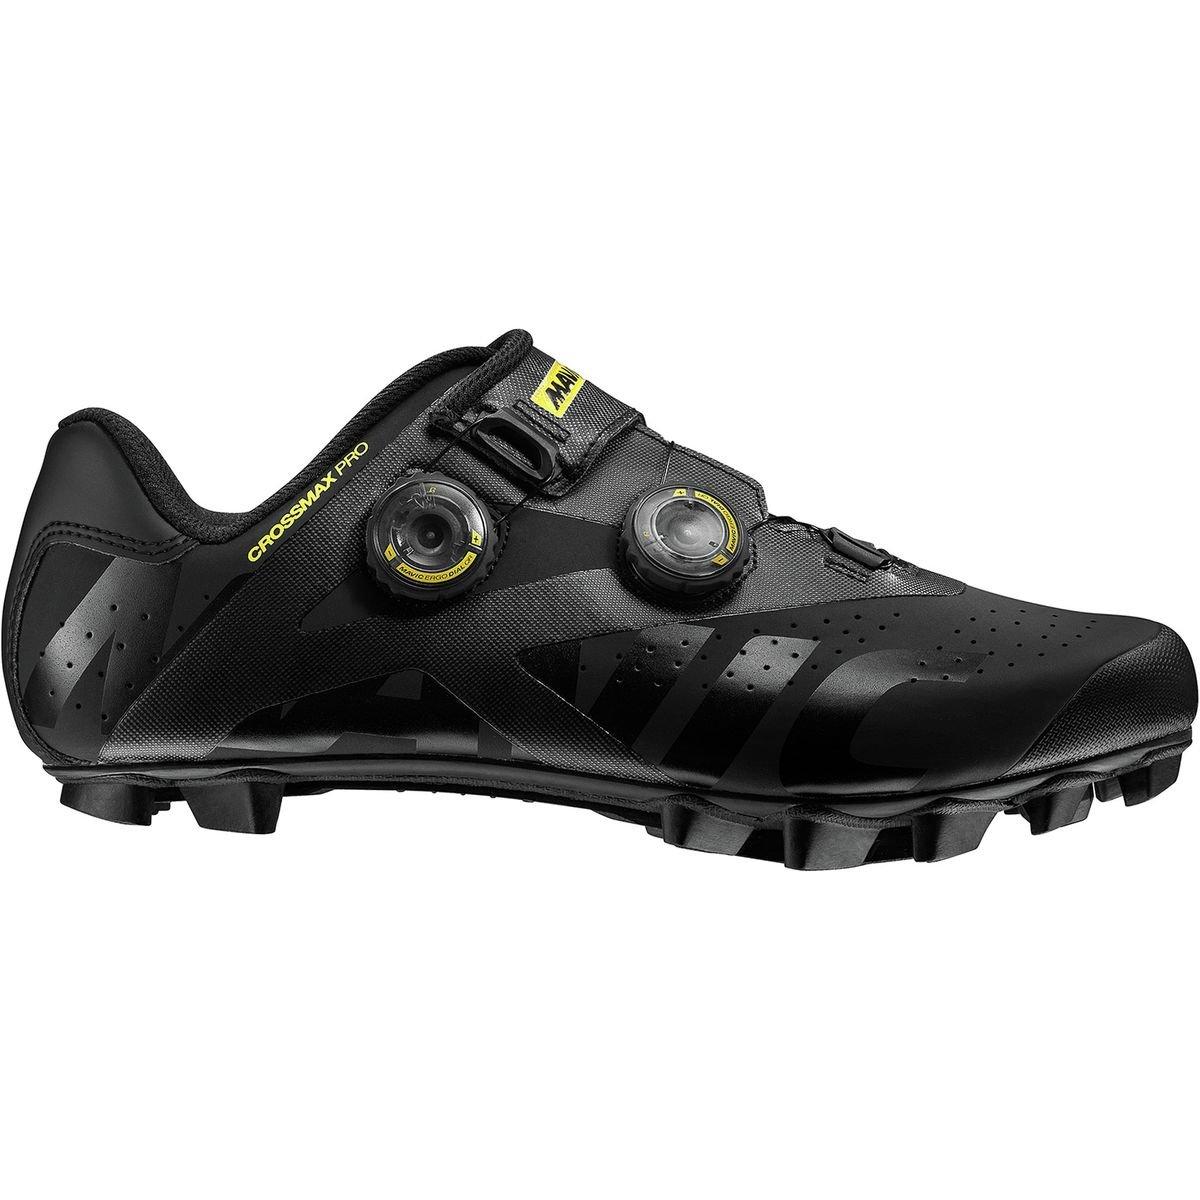 [Mavic] Crossmax Pro Shoe – Men 's US 12.0/UK 11.5 Black/Yellow Mavic/Black B078S4HBHG